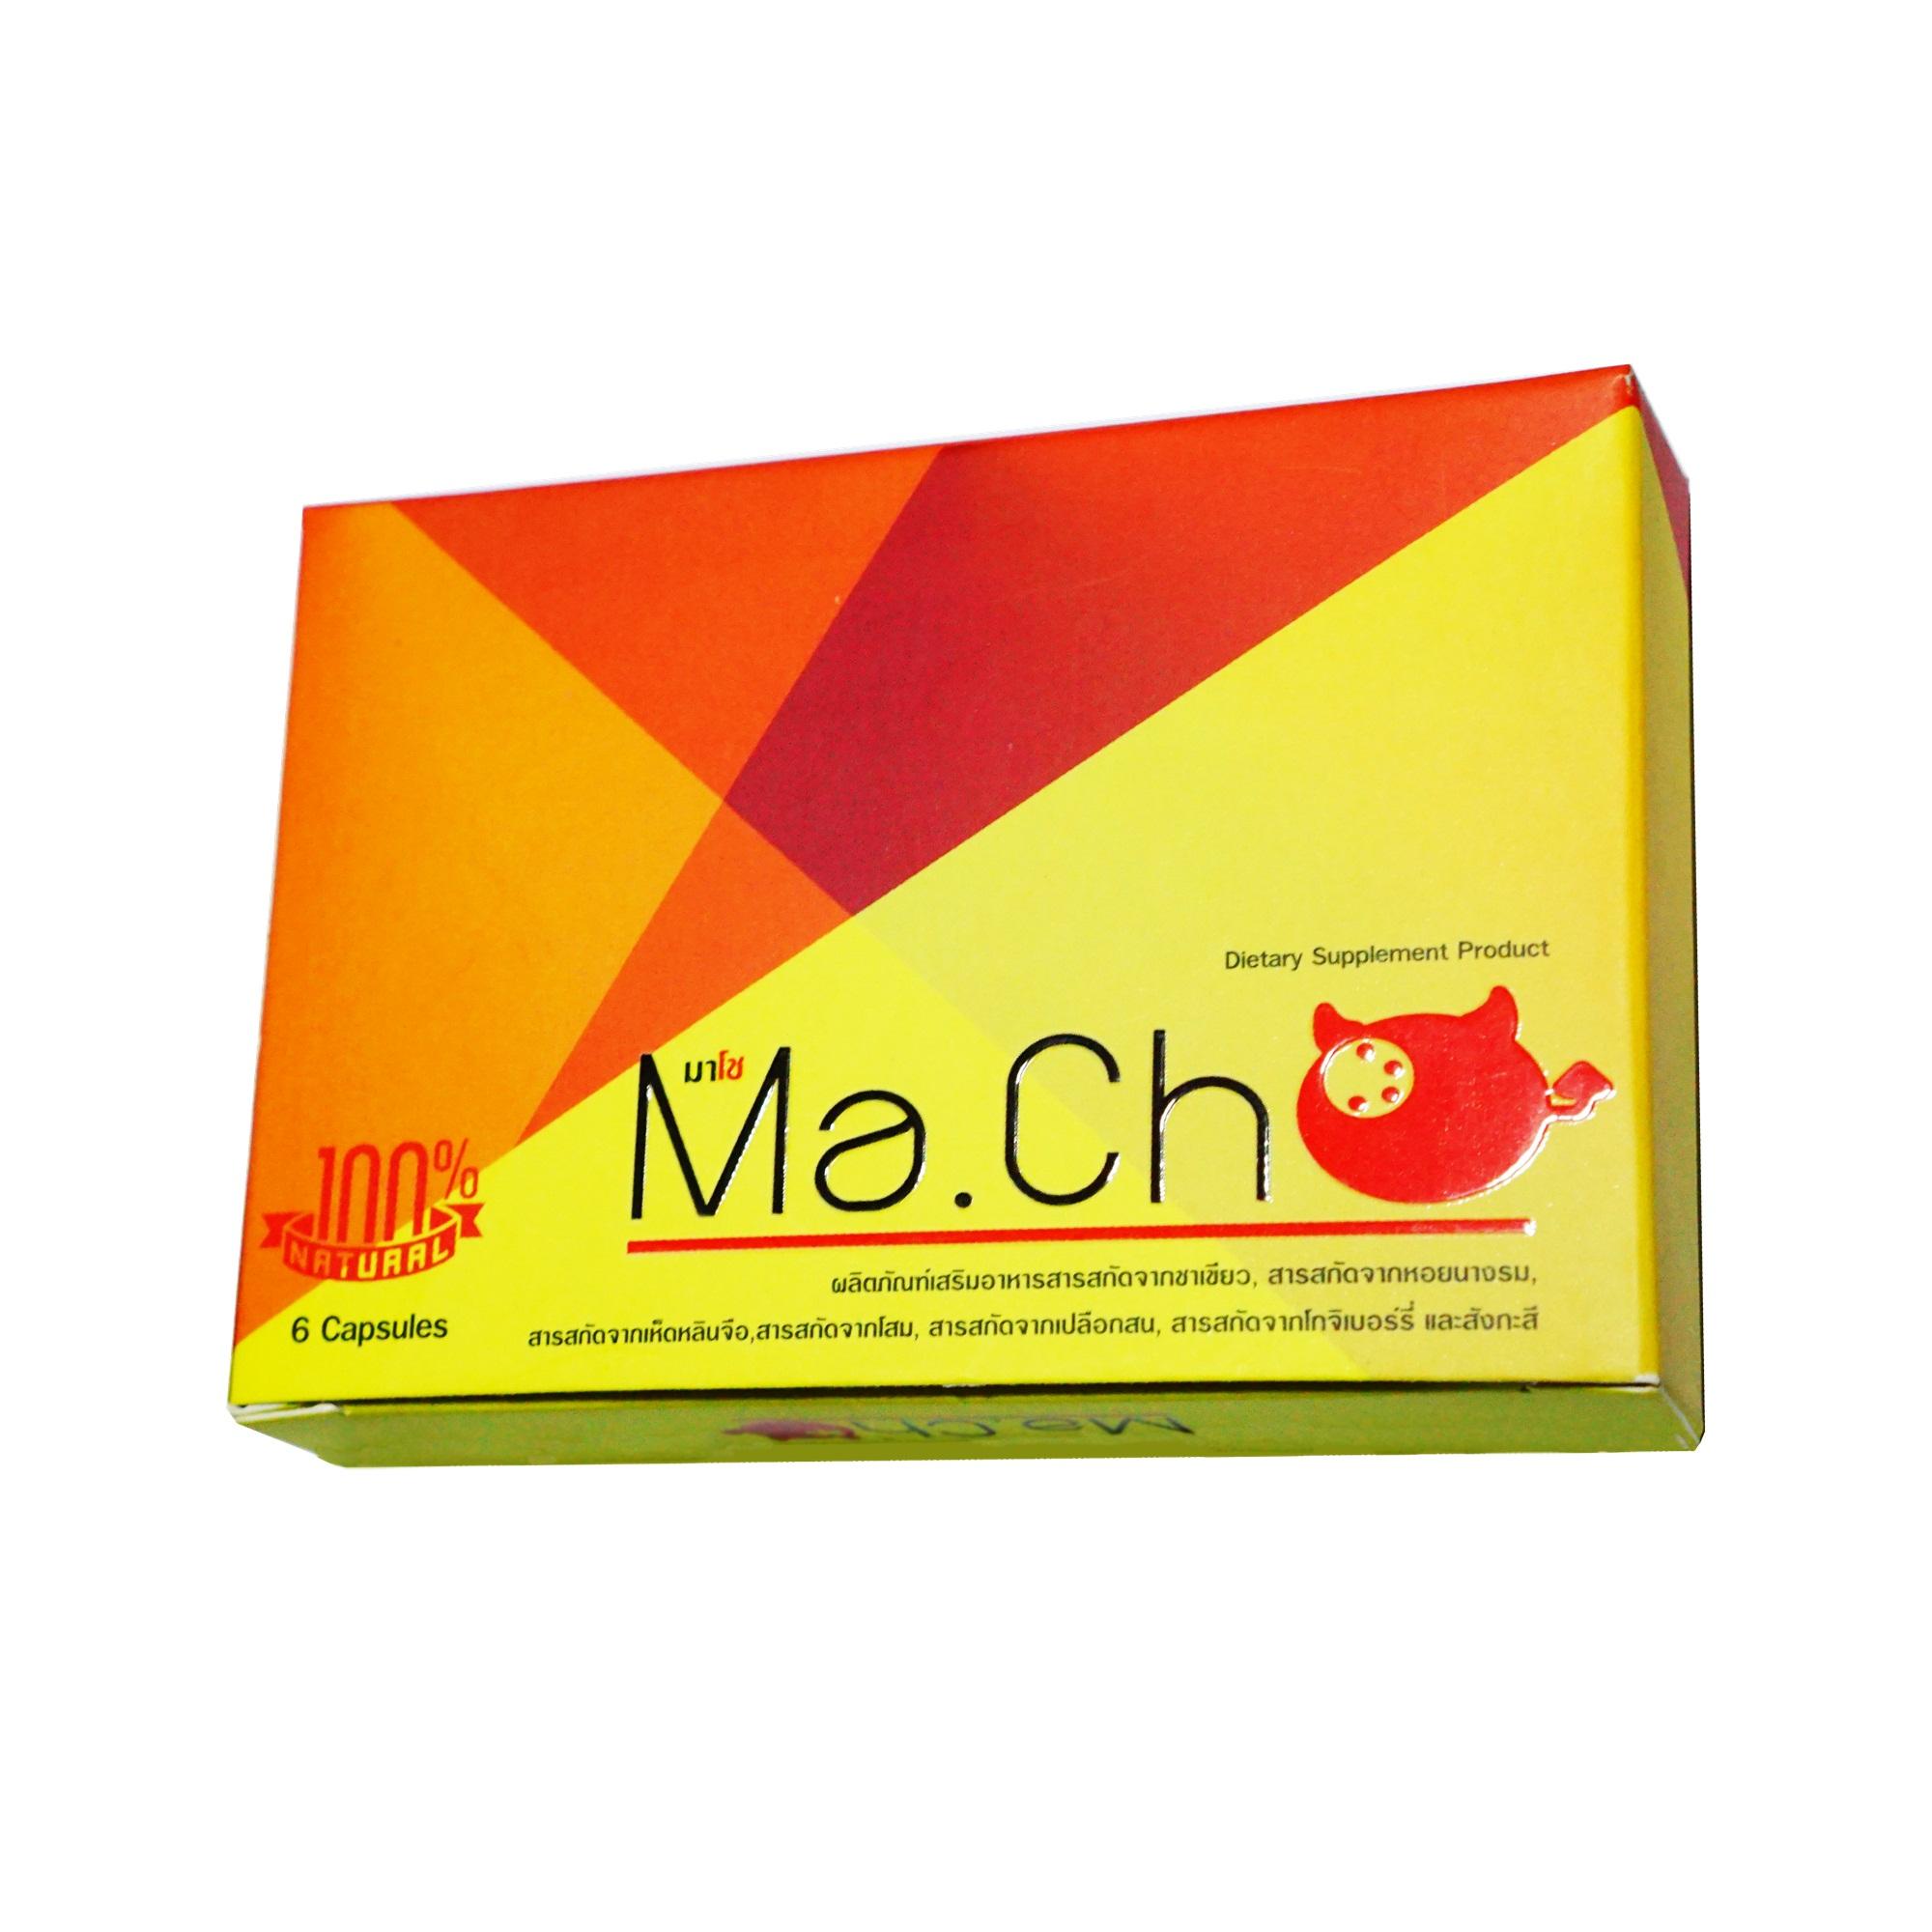 อาหารเสริมผู้ชาย MaCho พร้อมรีวิวจริง No หน้าม้า + ฟรี DVD สอนนวดเฉพาะจุดสตรี